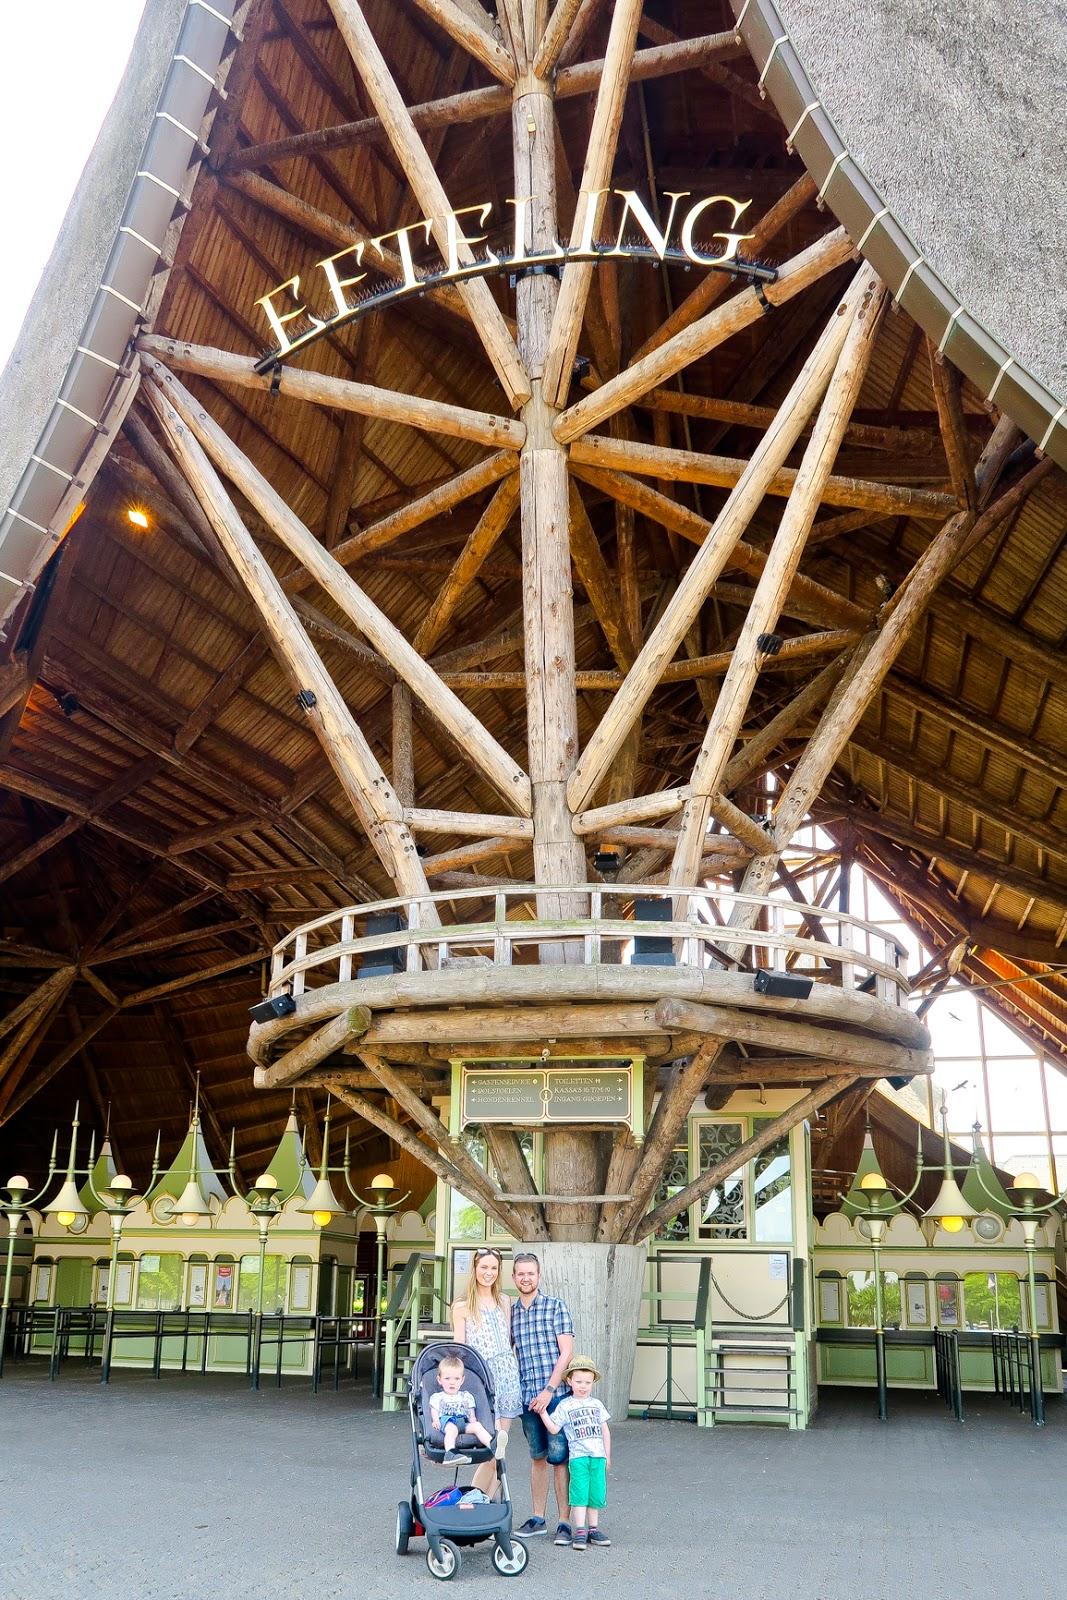 Efterling theme park review, Efteling, Efteling review, Loonsche Land,